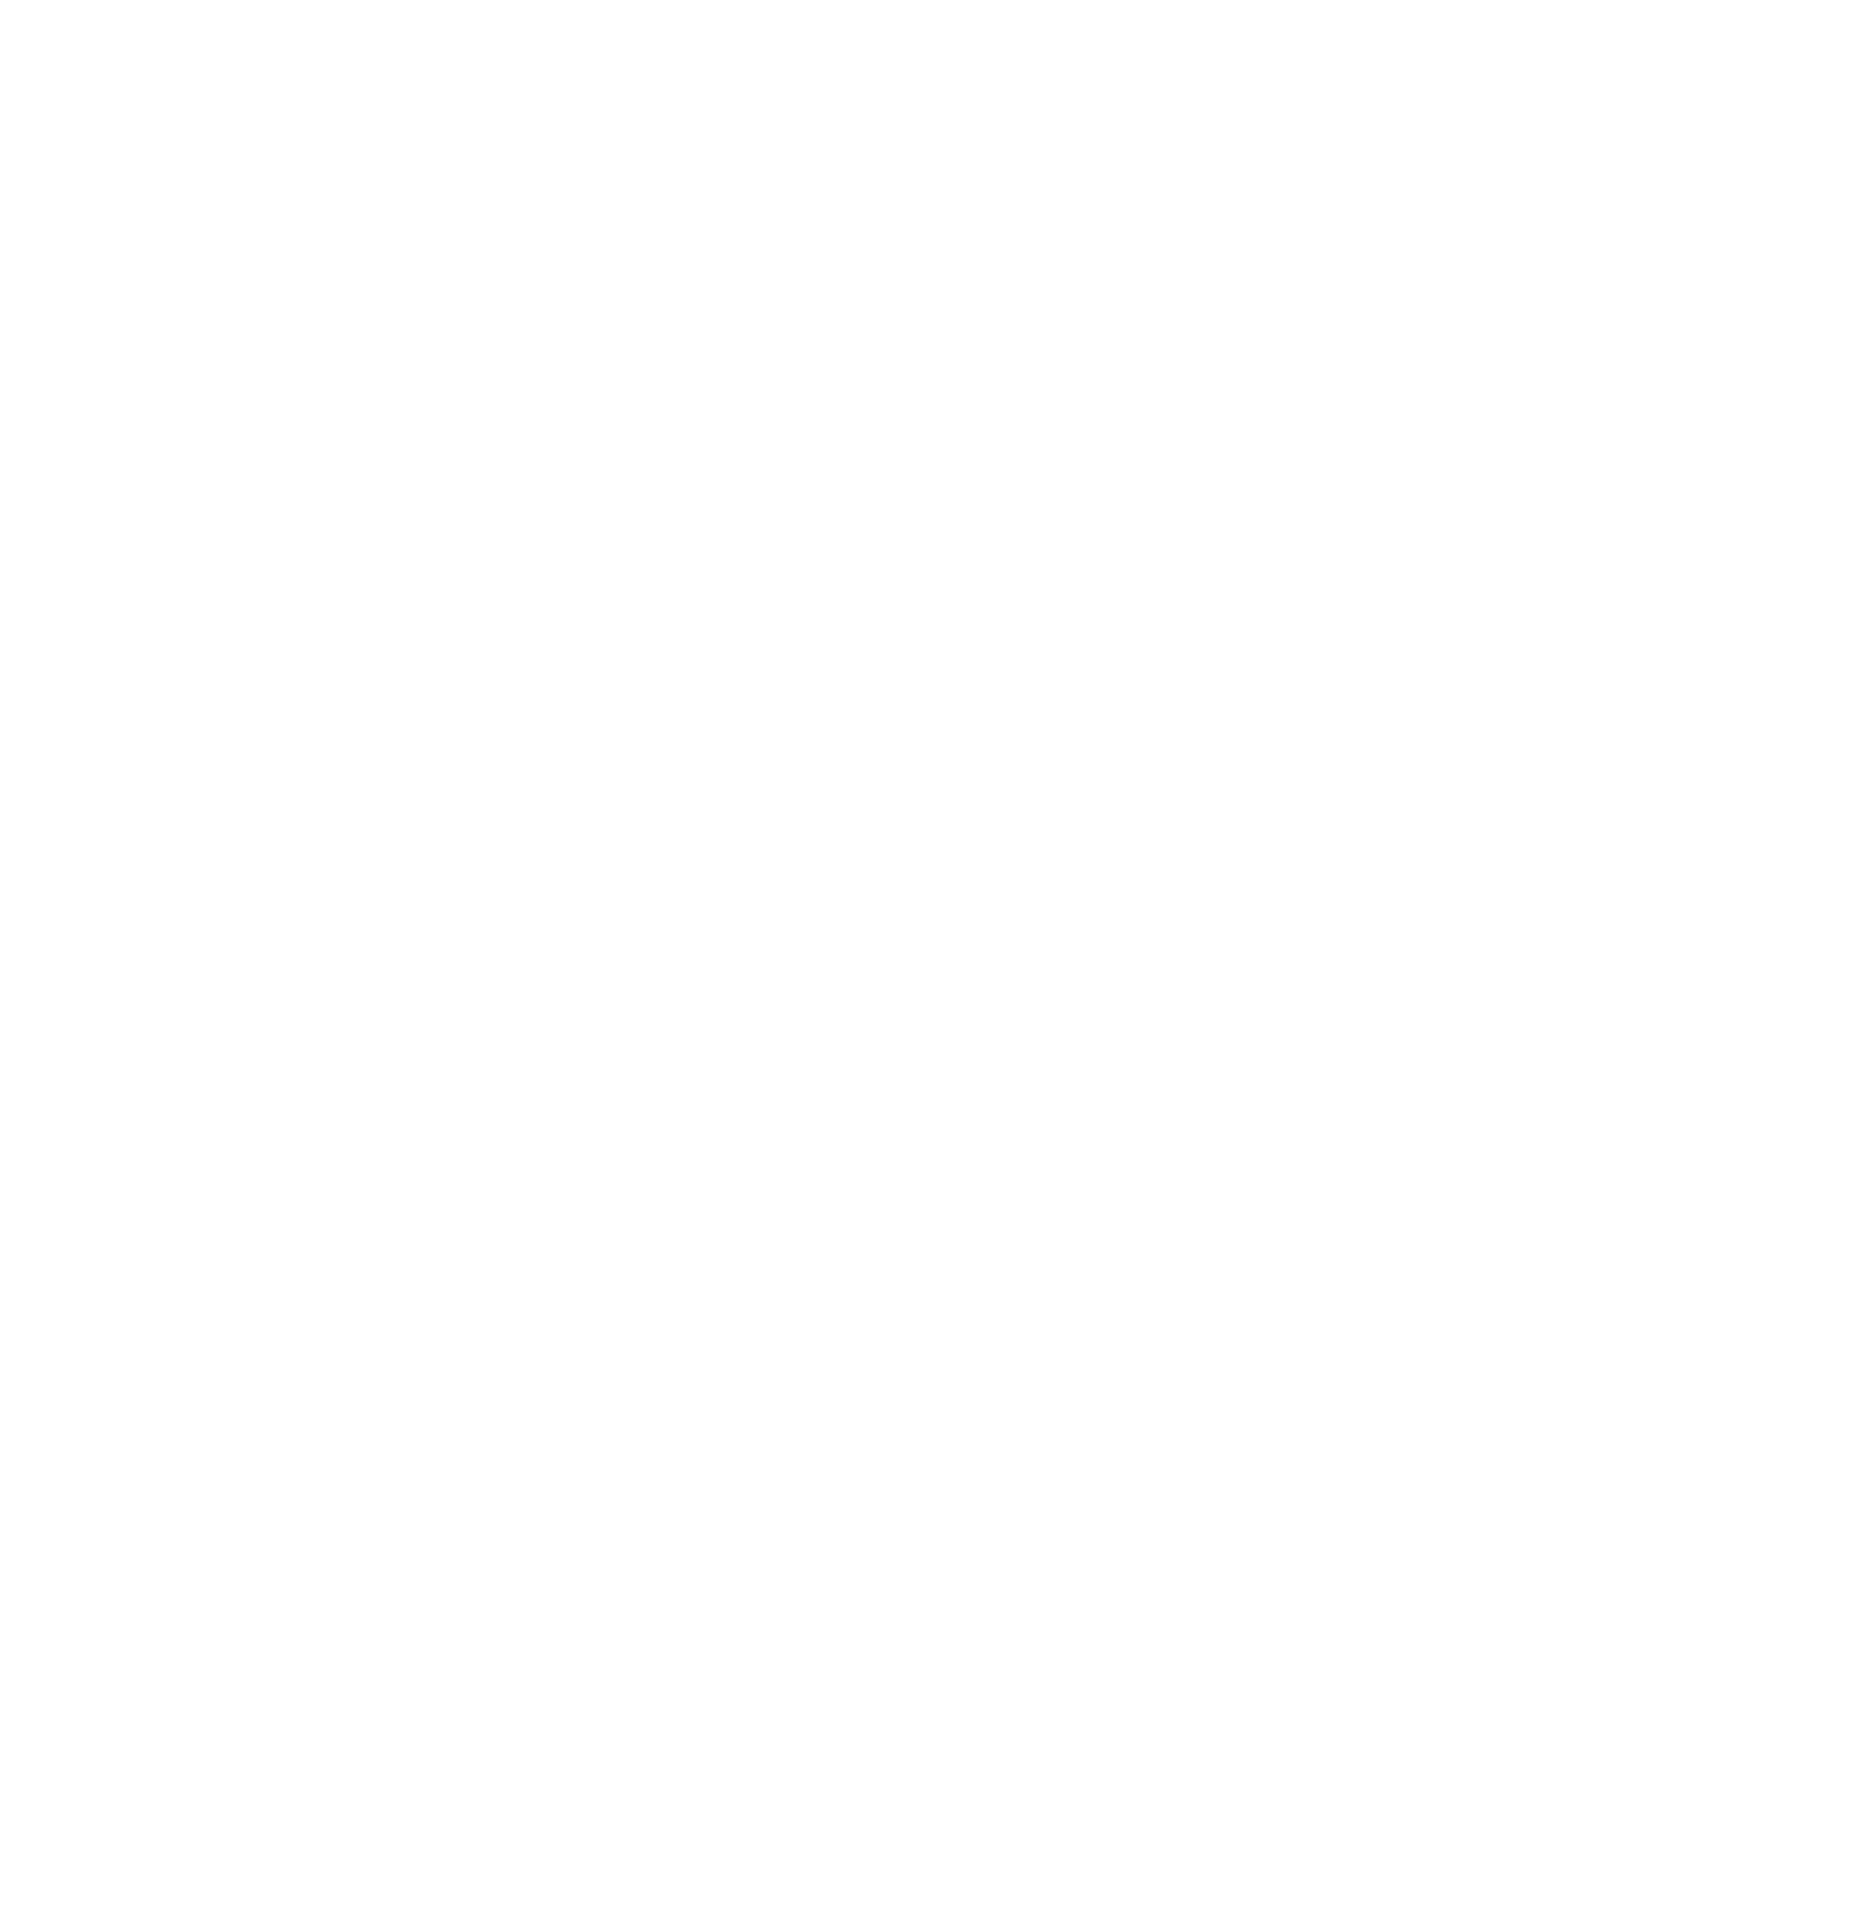 Caffe borbone punti vendita milano